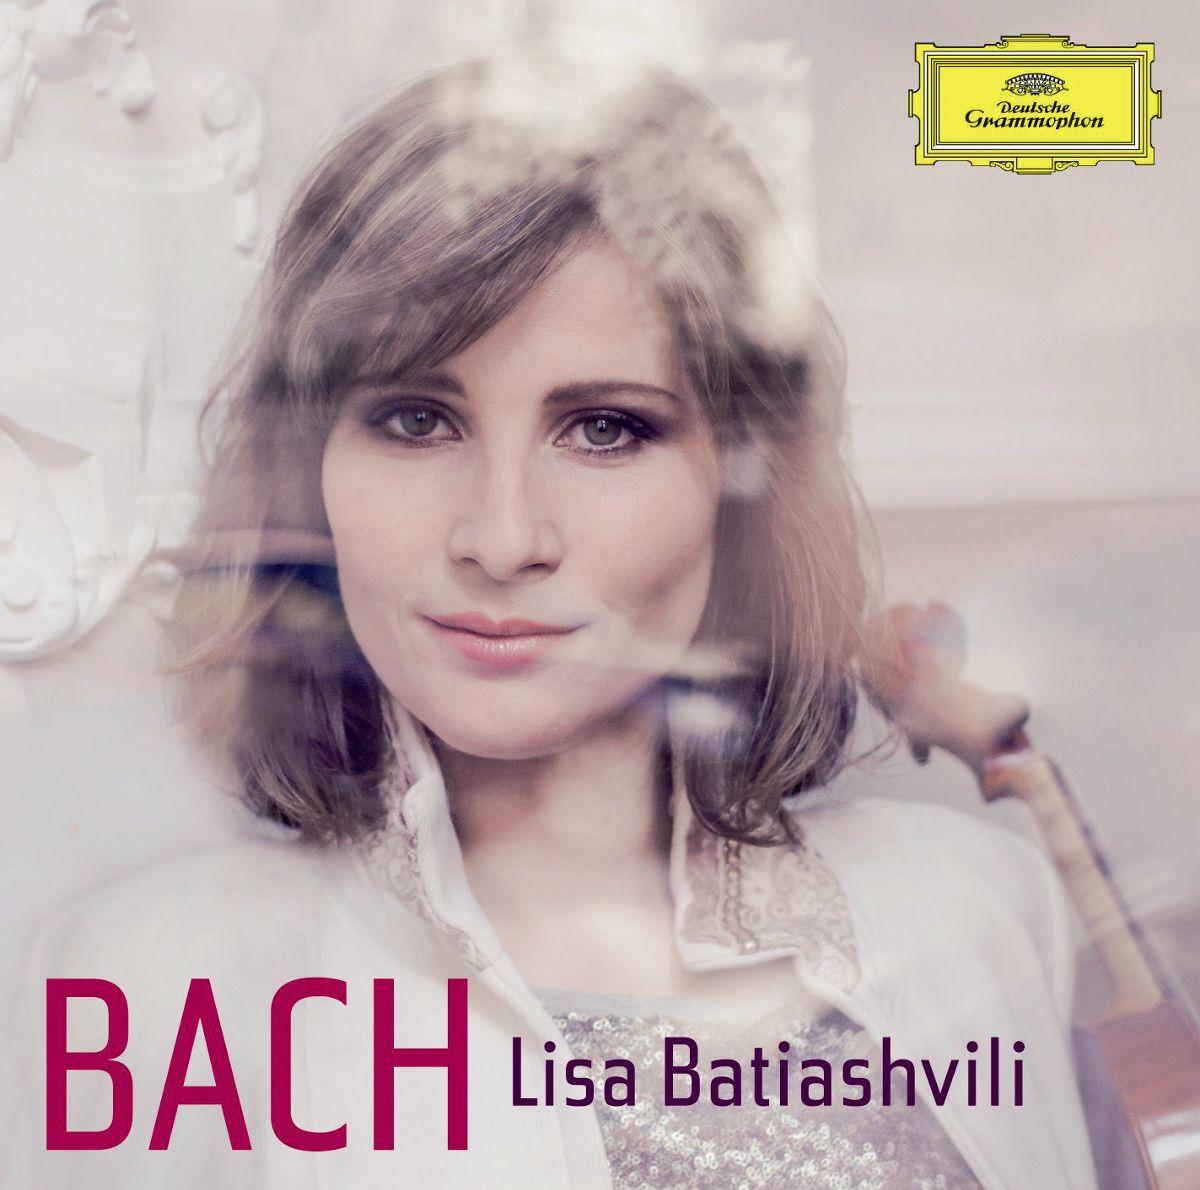 Lisa Batiashvili – Bach